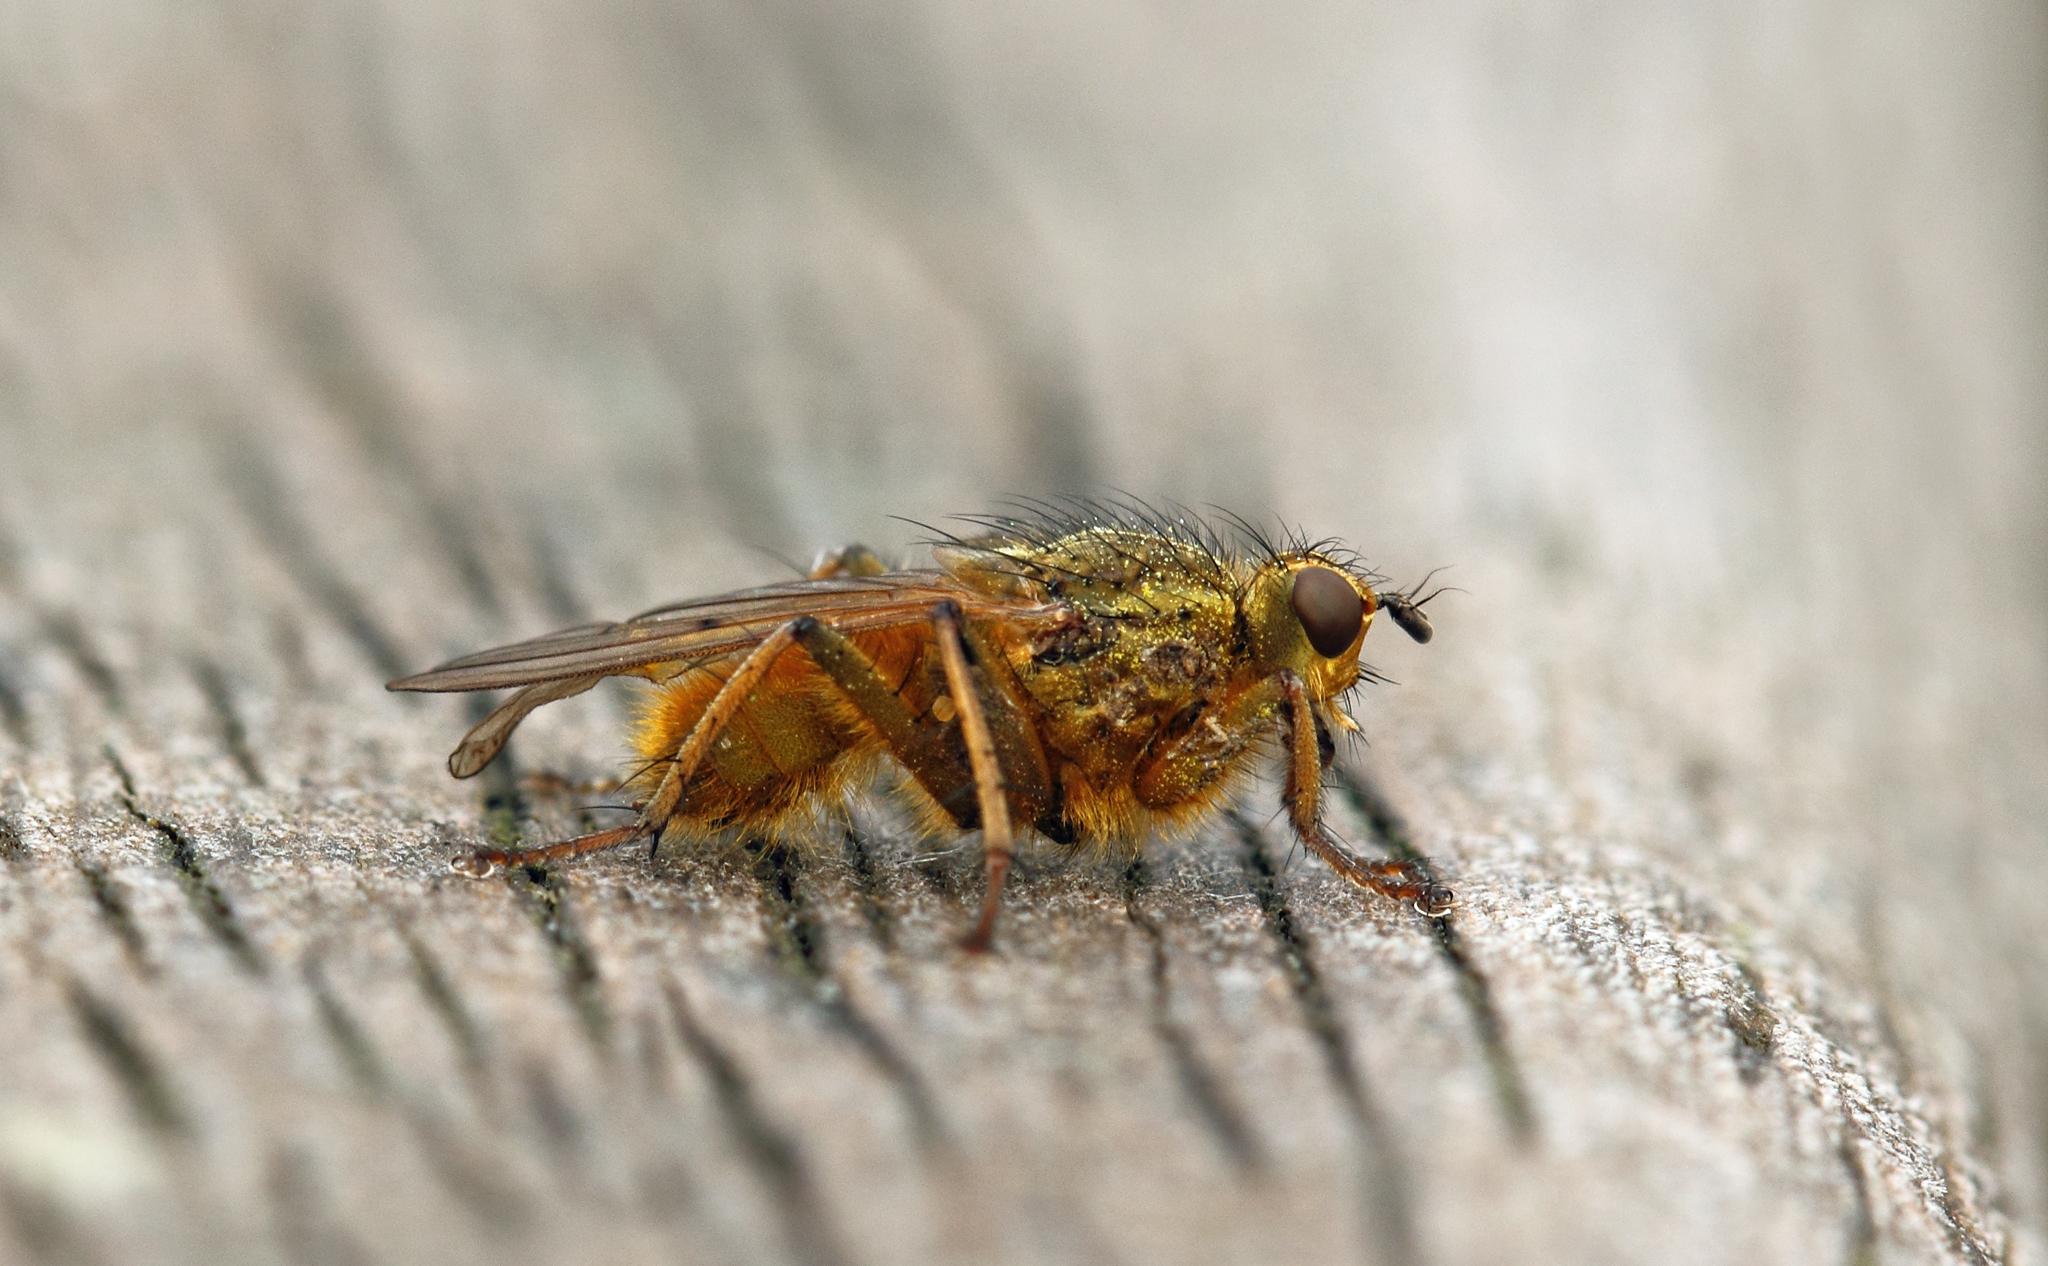 Una mosca en macro - 2048x1266